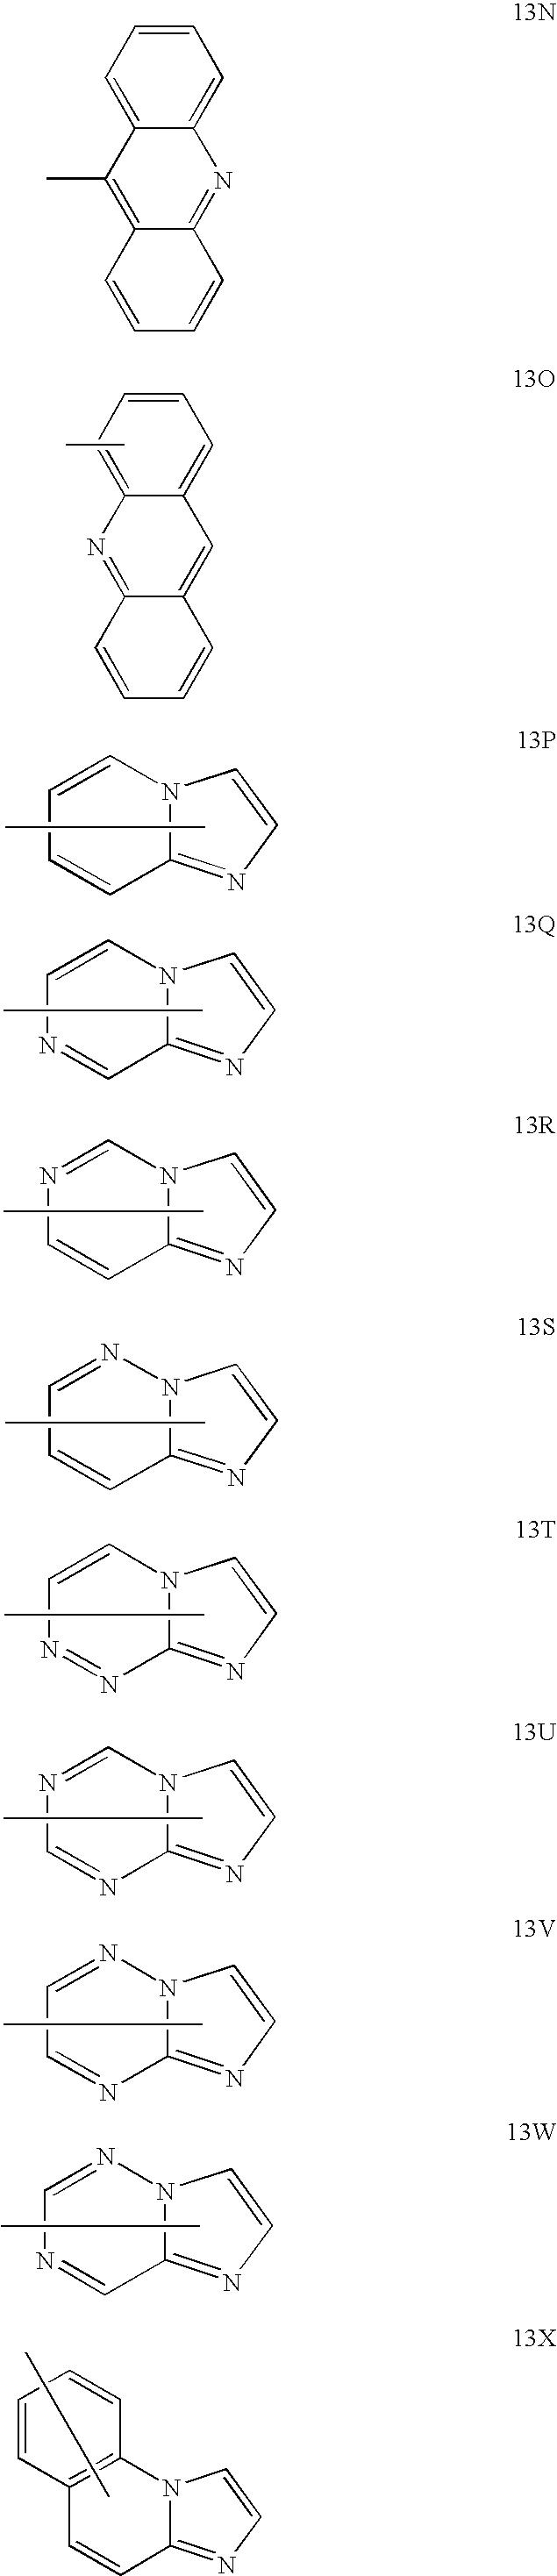 Figure US07875367-20110125-C00084